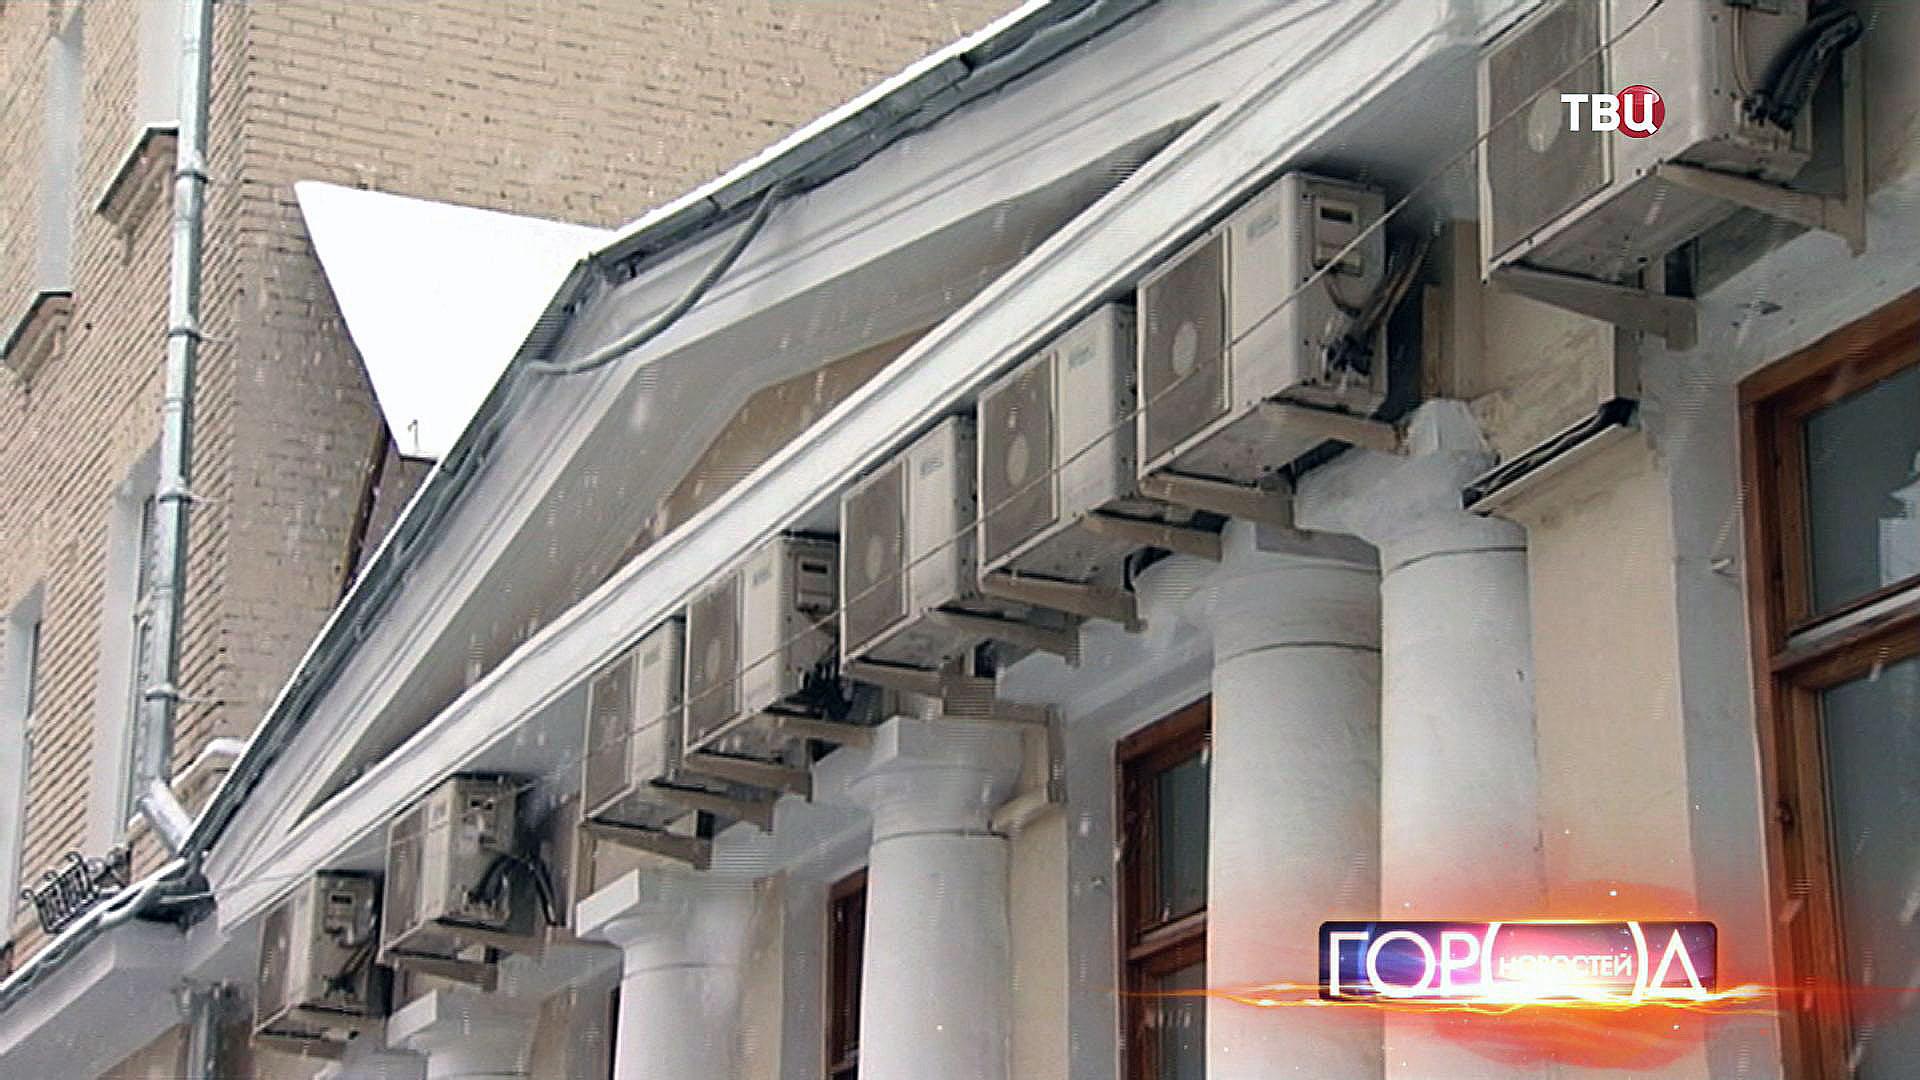 Кондиционеры на фасаде здания